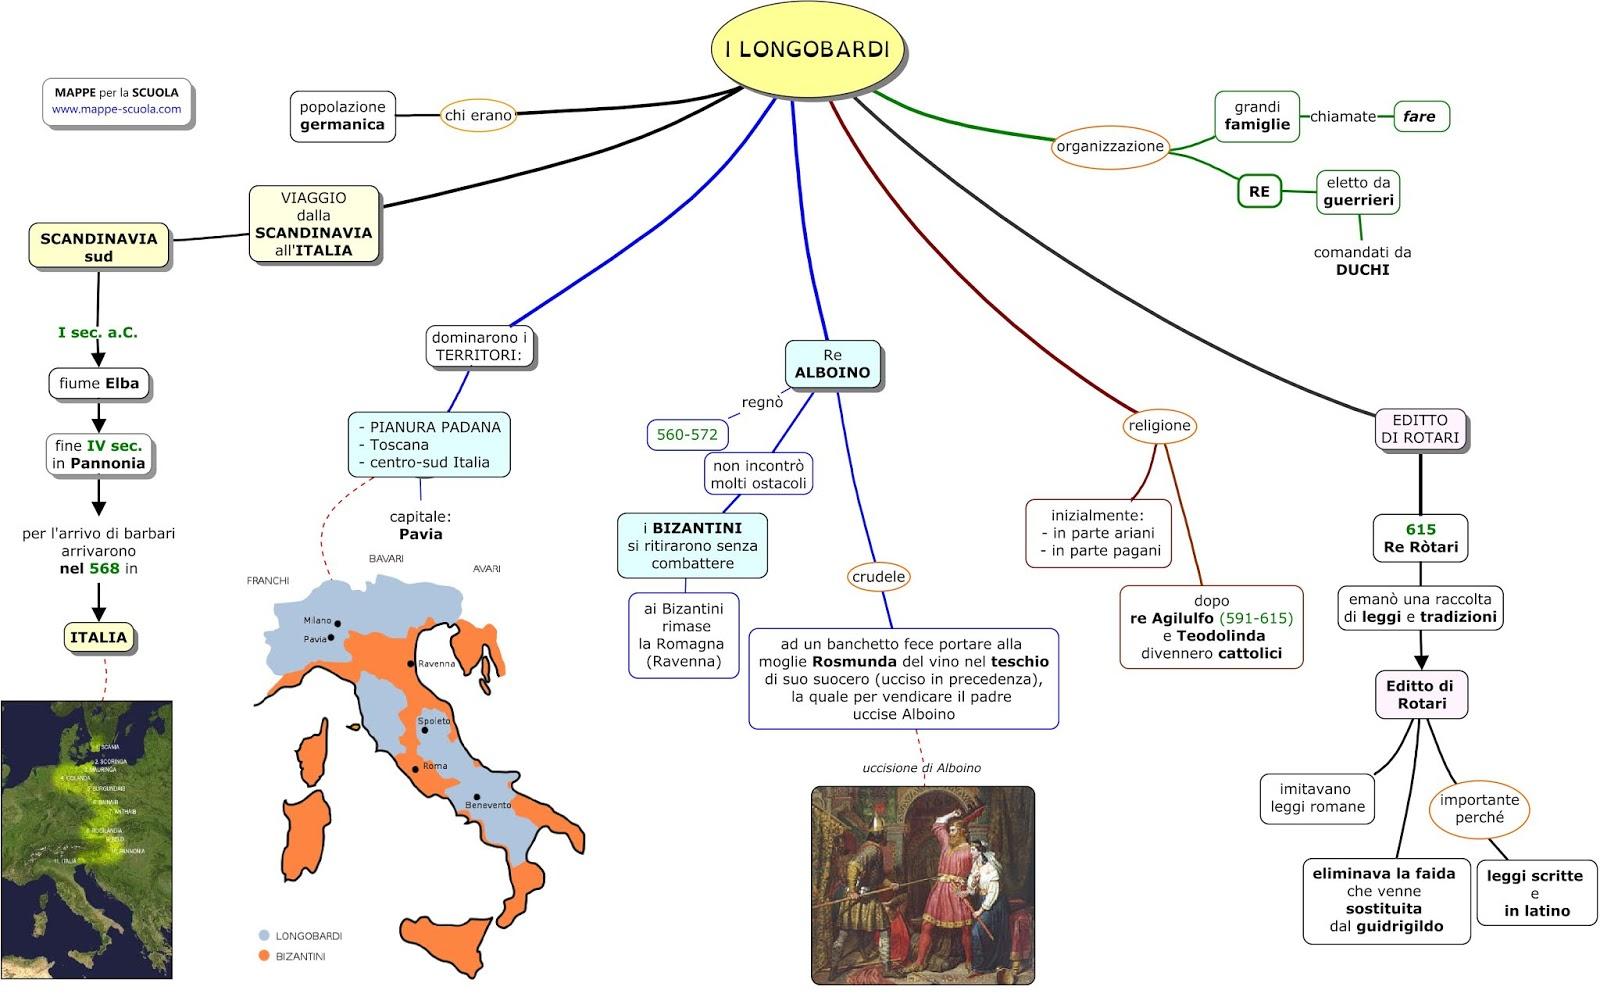 Mappe Per La Scuola I Longobardi